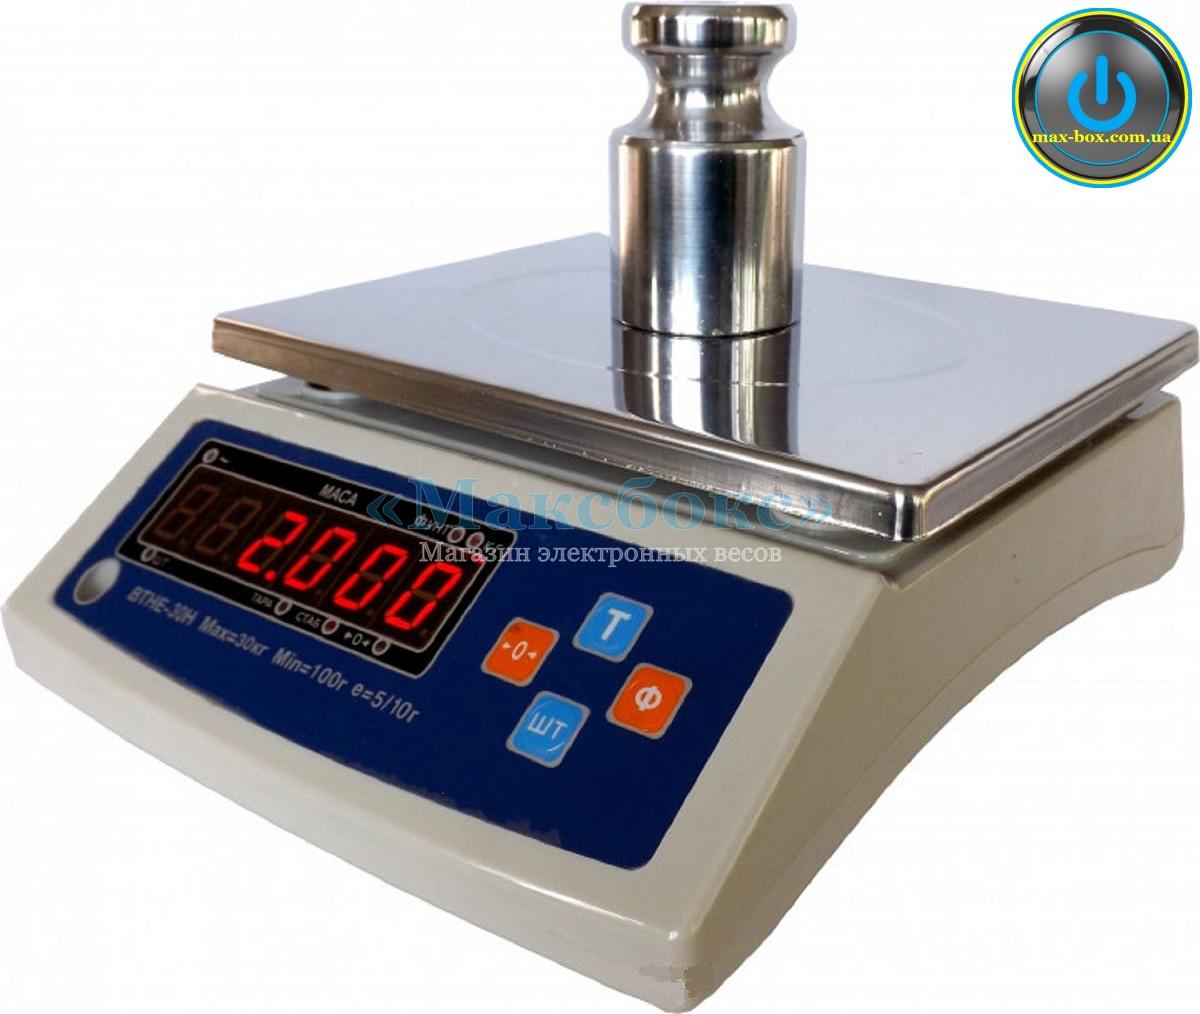 Весы фасовочные с поверкой 15 кг ВТНЕ 15Н (Дозавтоматы)